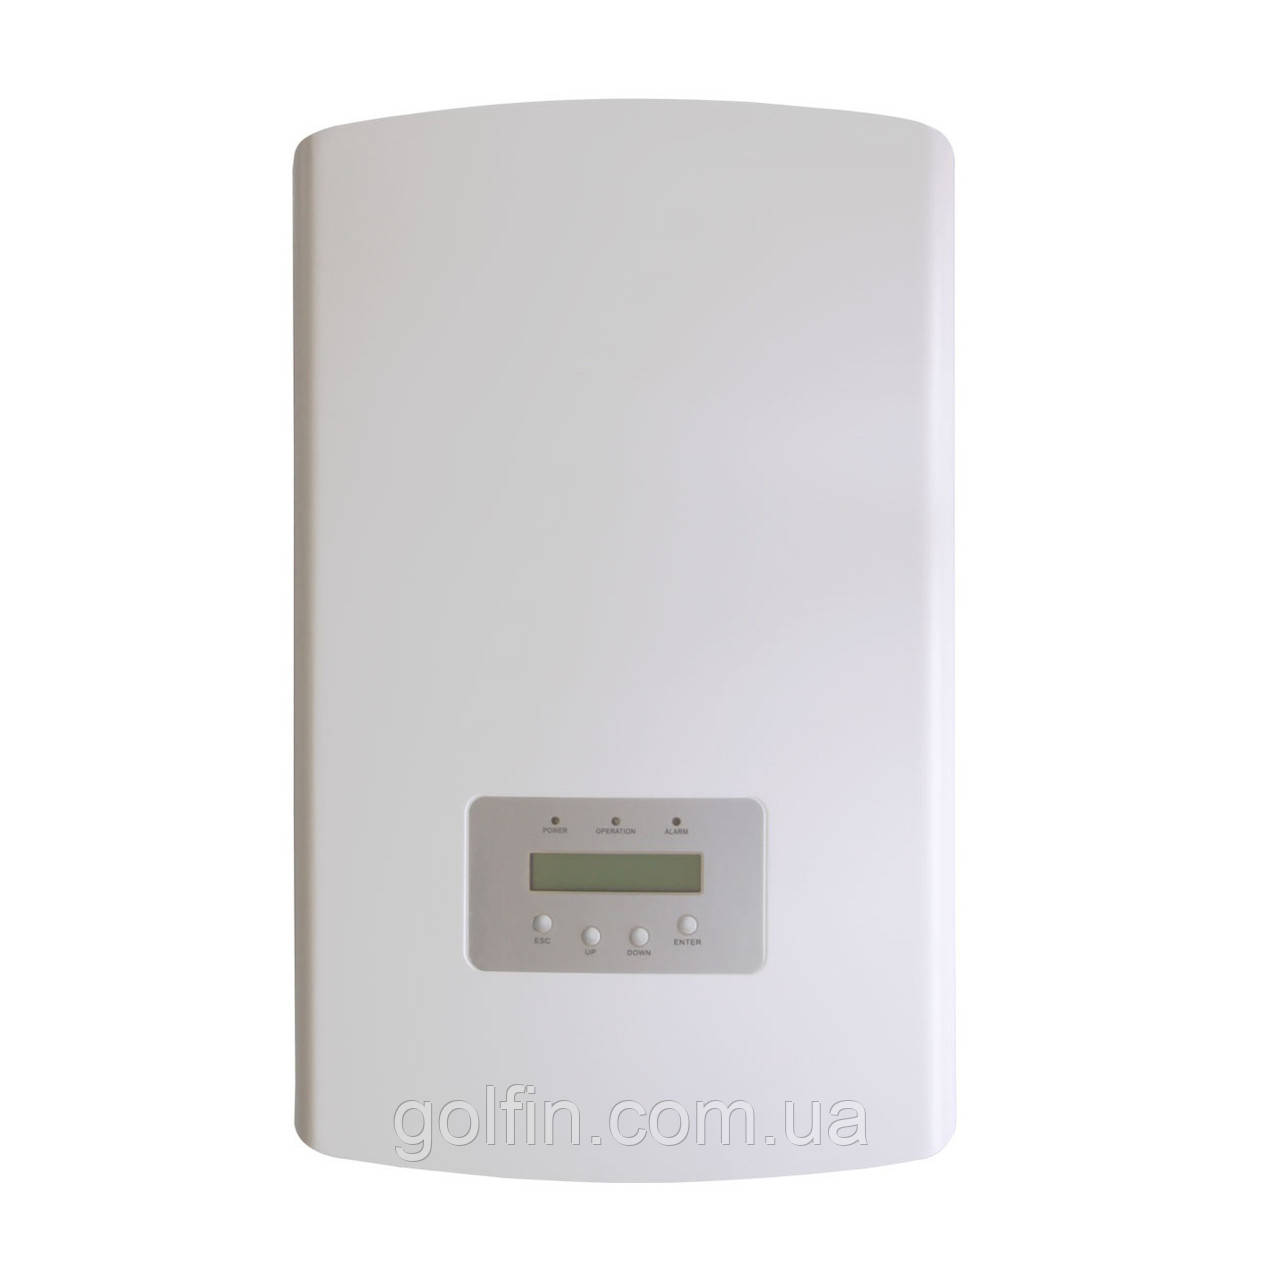 Сетевой инвертер для солнечных электросистем 2500W ON GRID